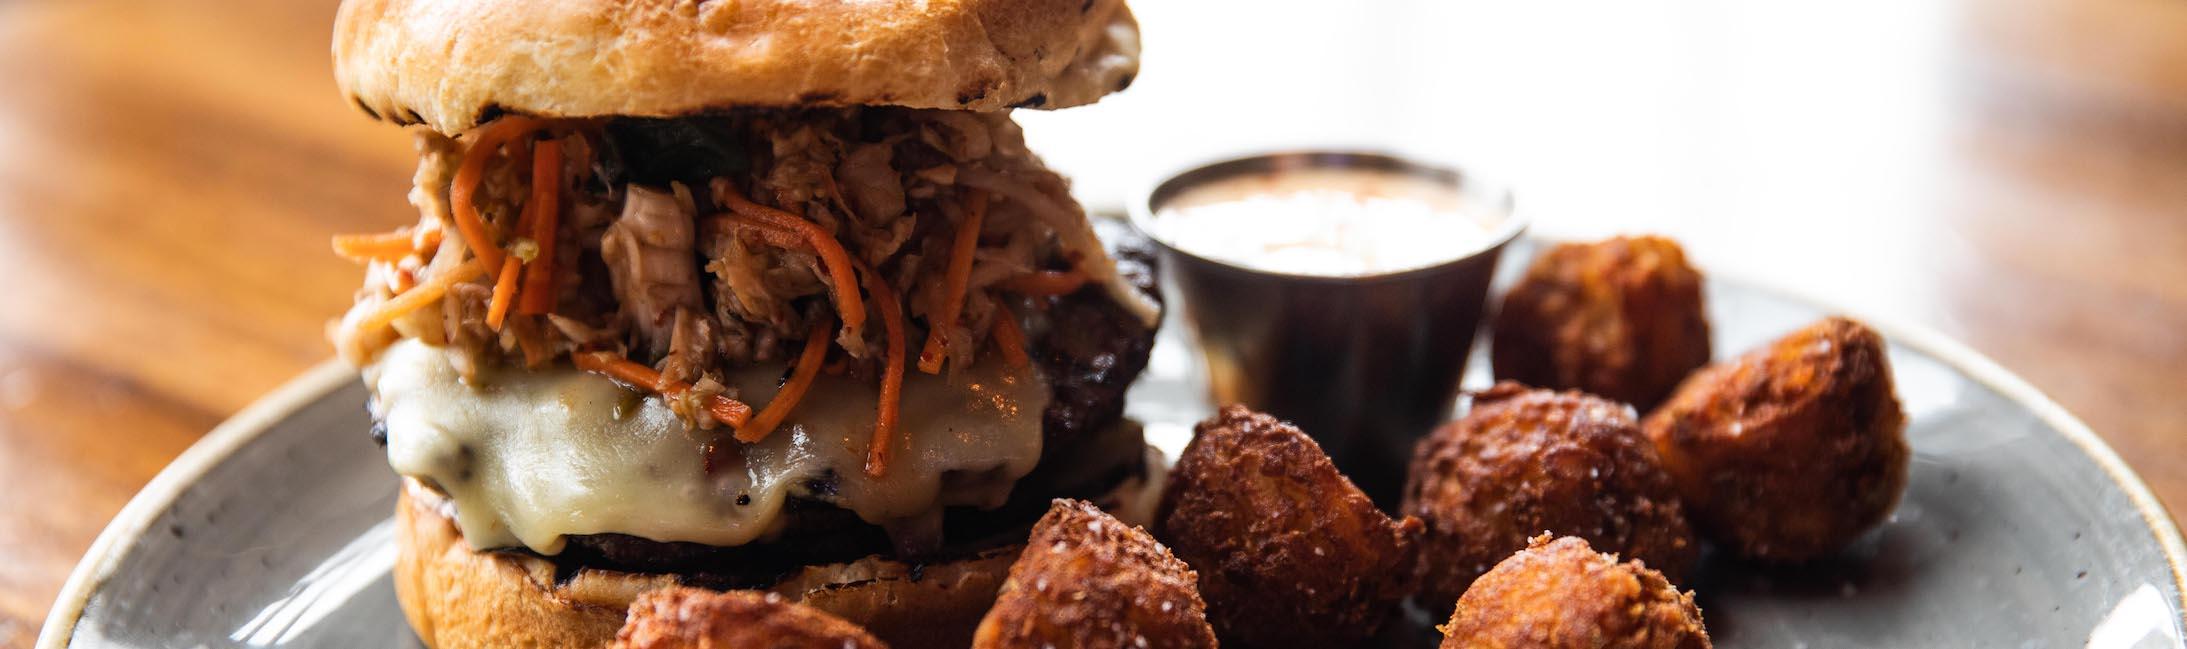 Best Burgers of Missoula